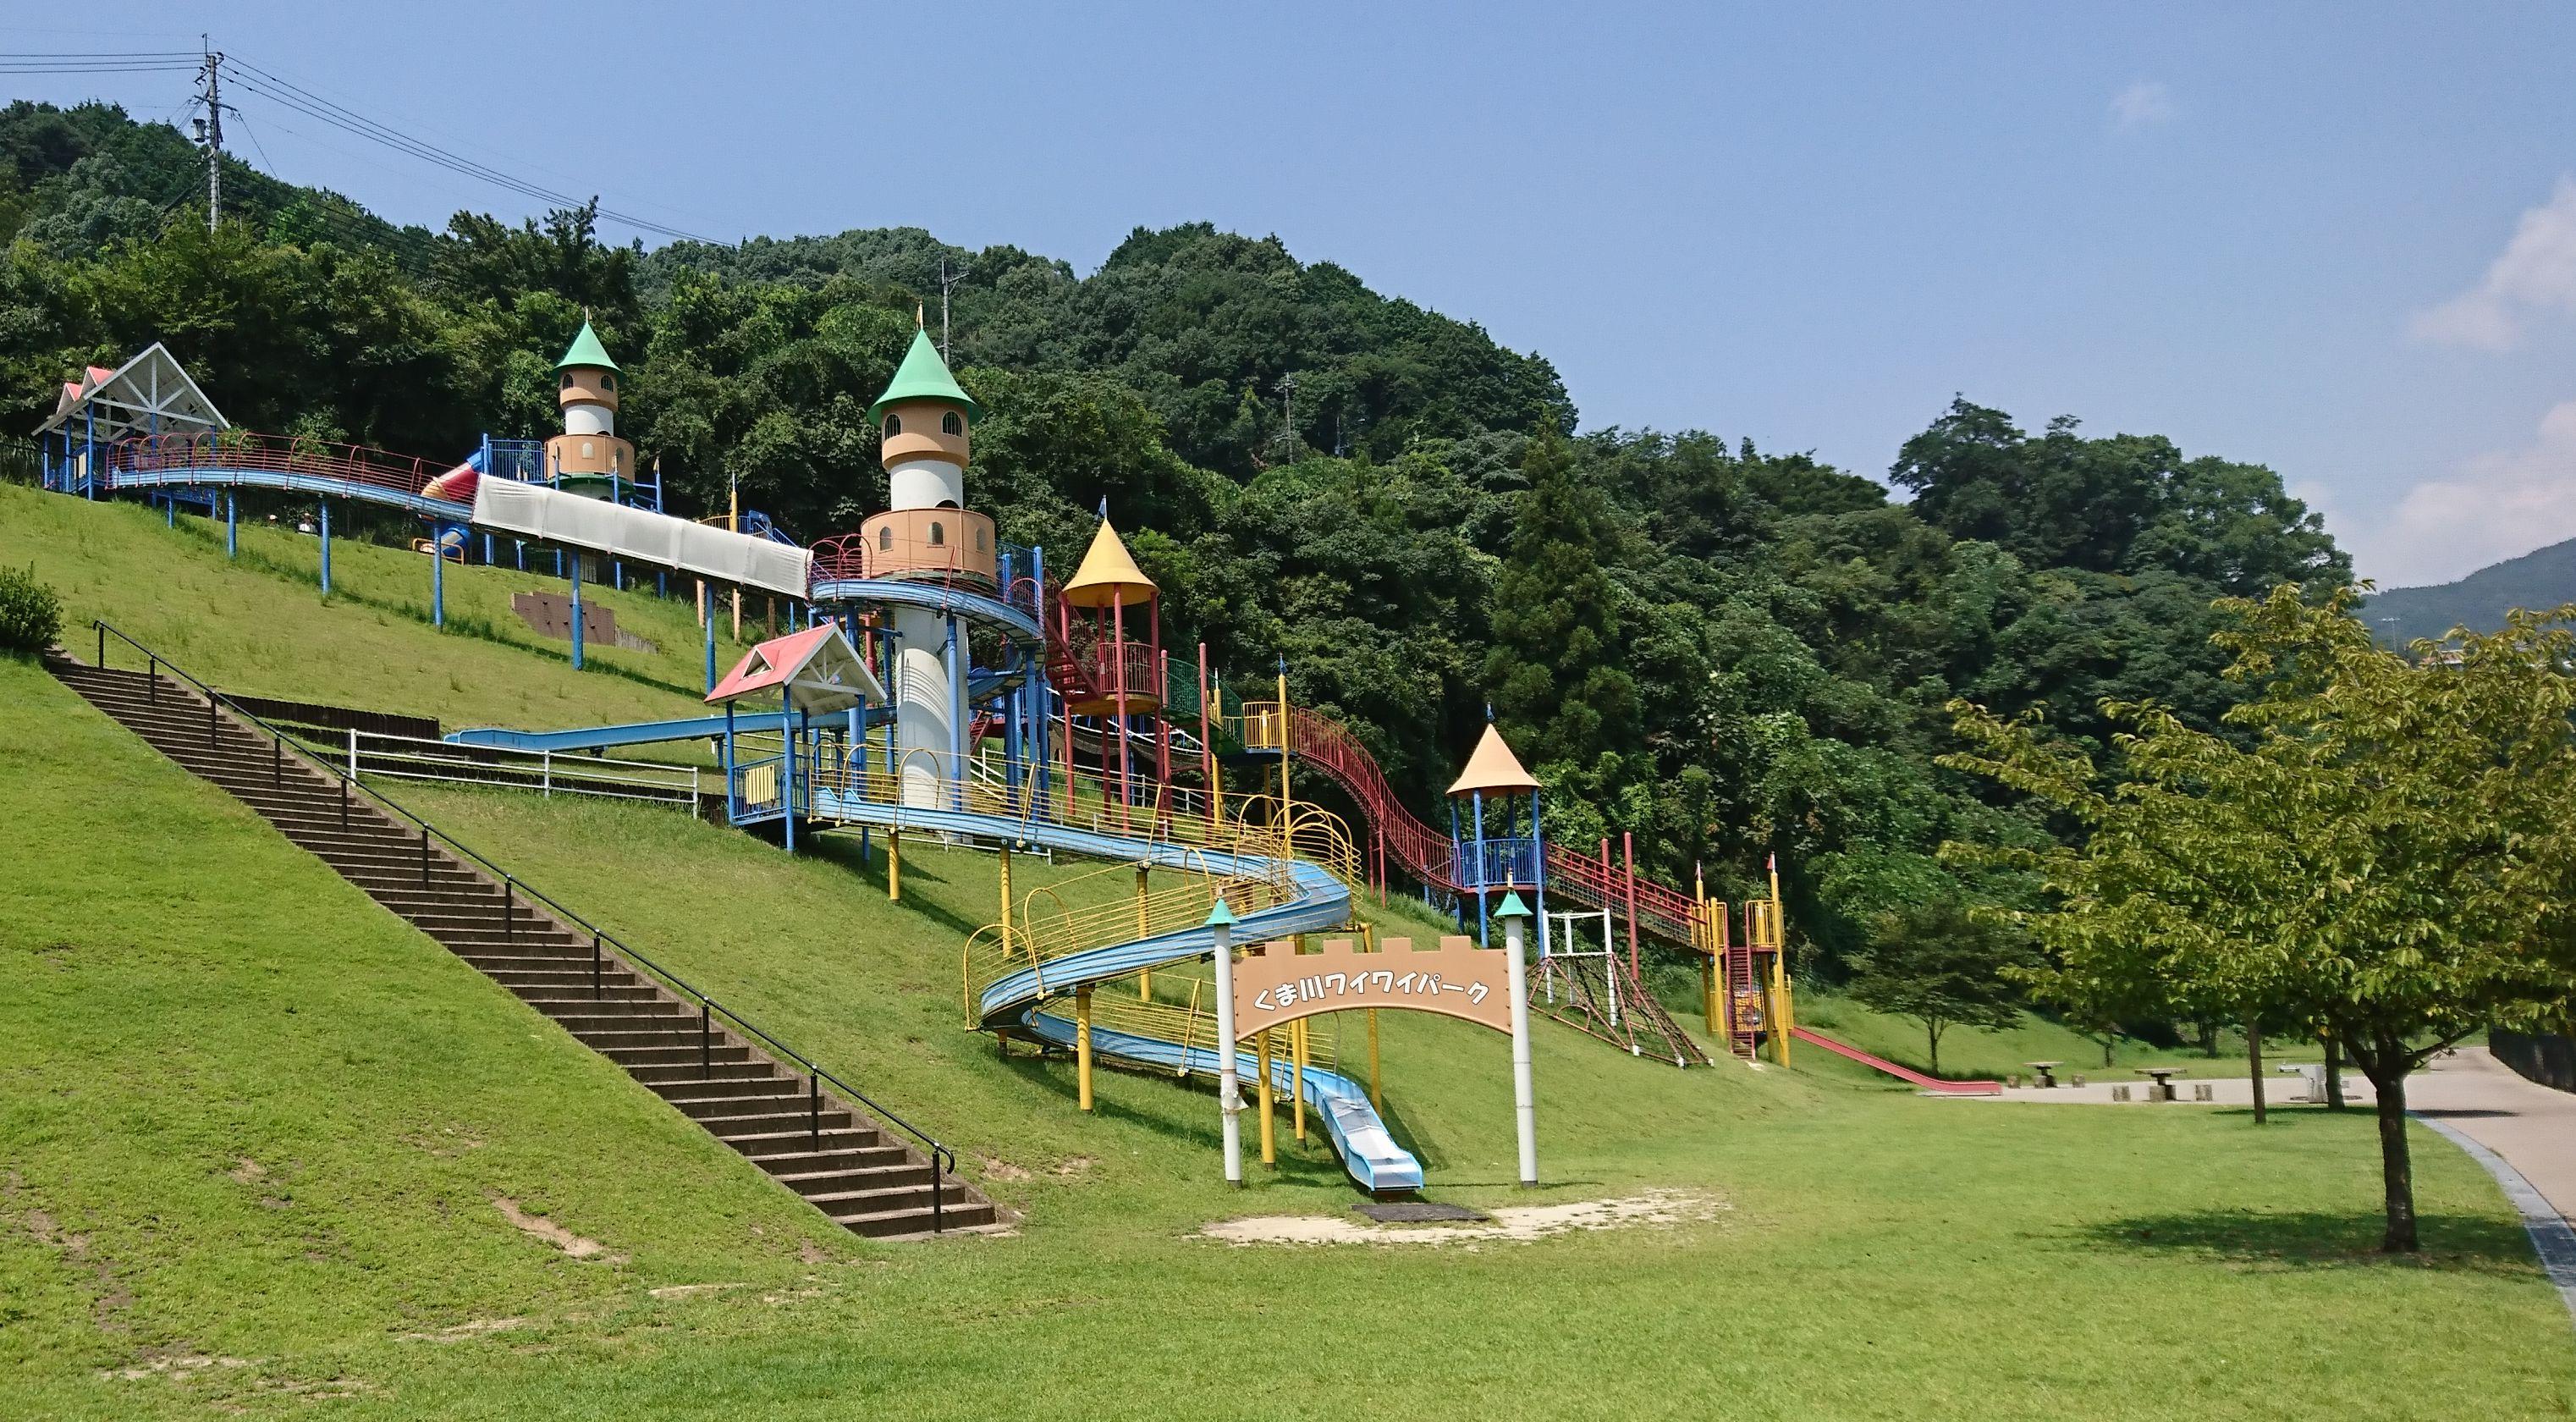 【くま川わいわいパーク】熊本!八代、水遊びもできる公園行ってきた